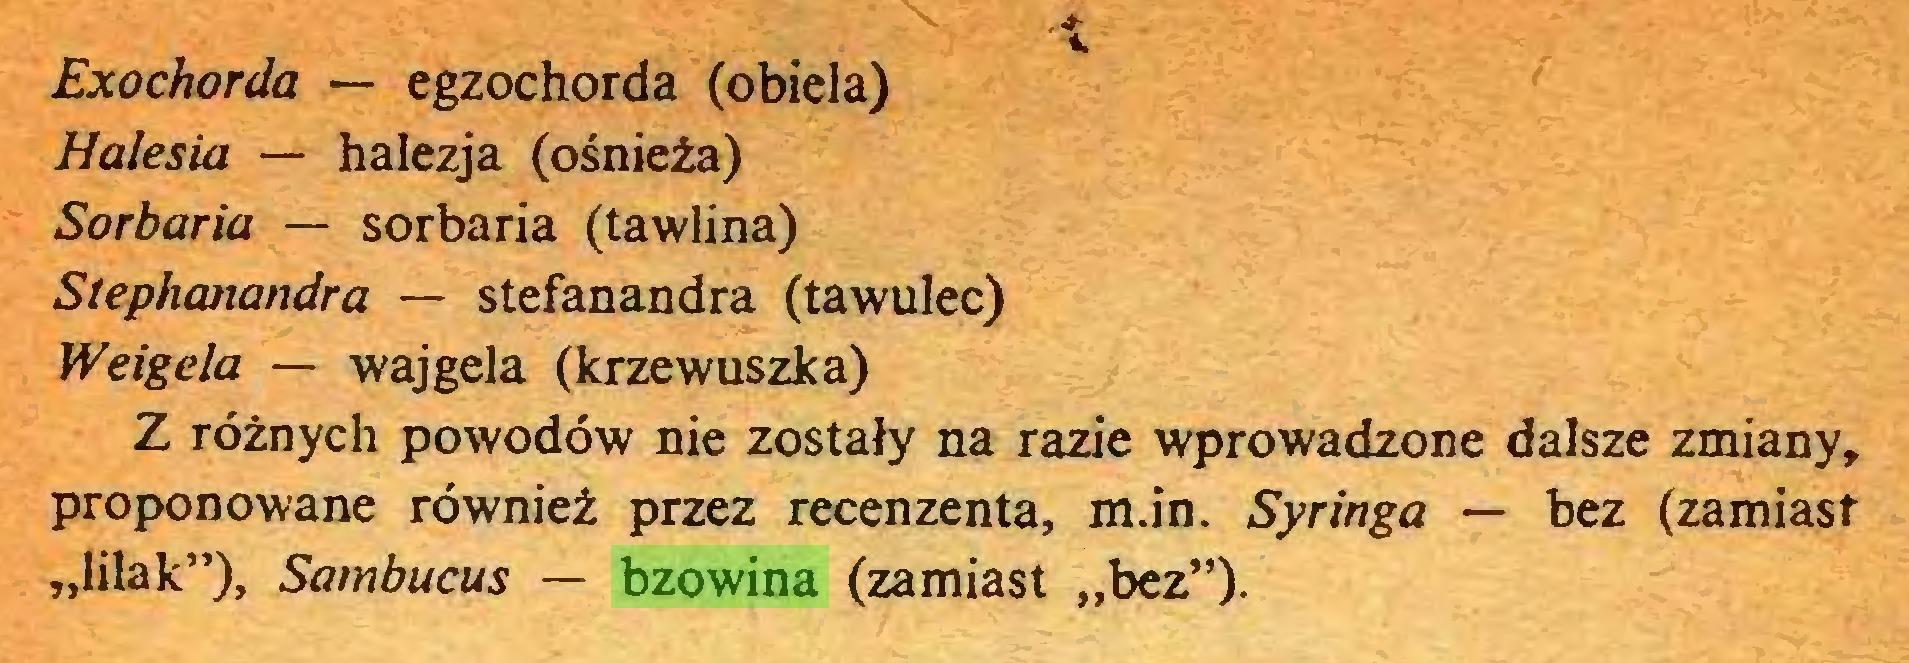 """(...) Exochorda — egzochorda (obiela) Halesia — halezja (ośnieża) Sorbaria — sorbaria (tawlina) Stephanandra — stefanandra (tawulec) Weigela — wajgela (krzewuszka) Z różnych powodów nie zostały na razie wprowadzone dalsze zmiany, proponowane również przez recenzenta, m.in. Syringa — bez (zamiast """"lilak""""), Sambucus — bzowina (zamiast """"bez"""")..."""